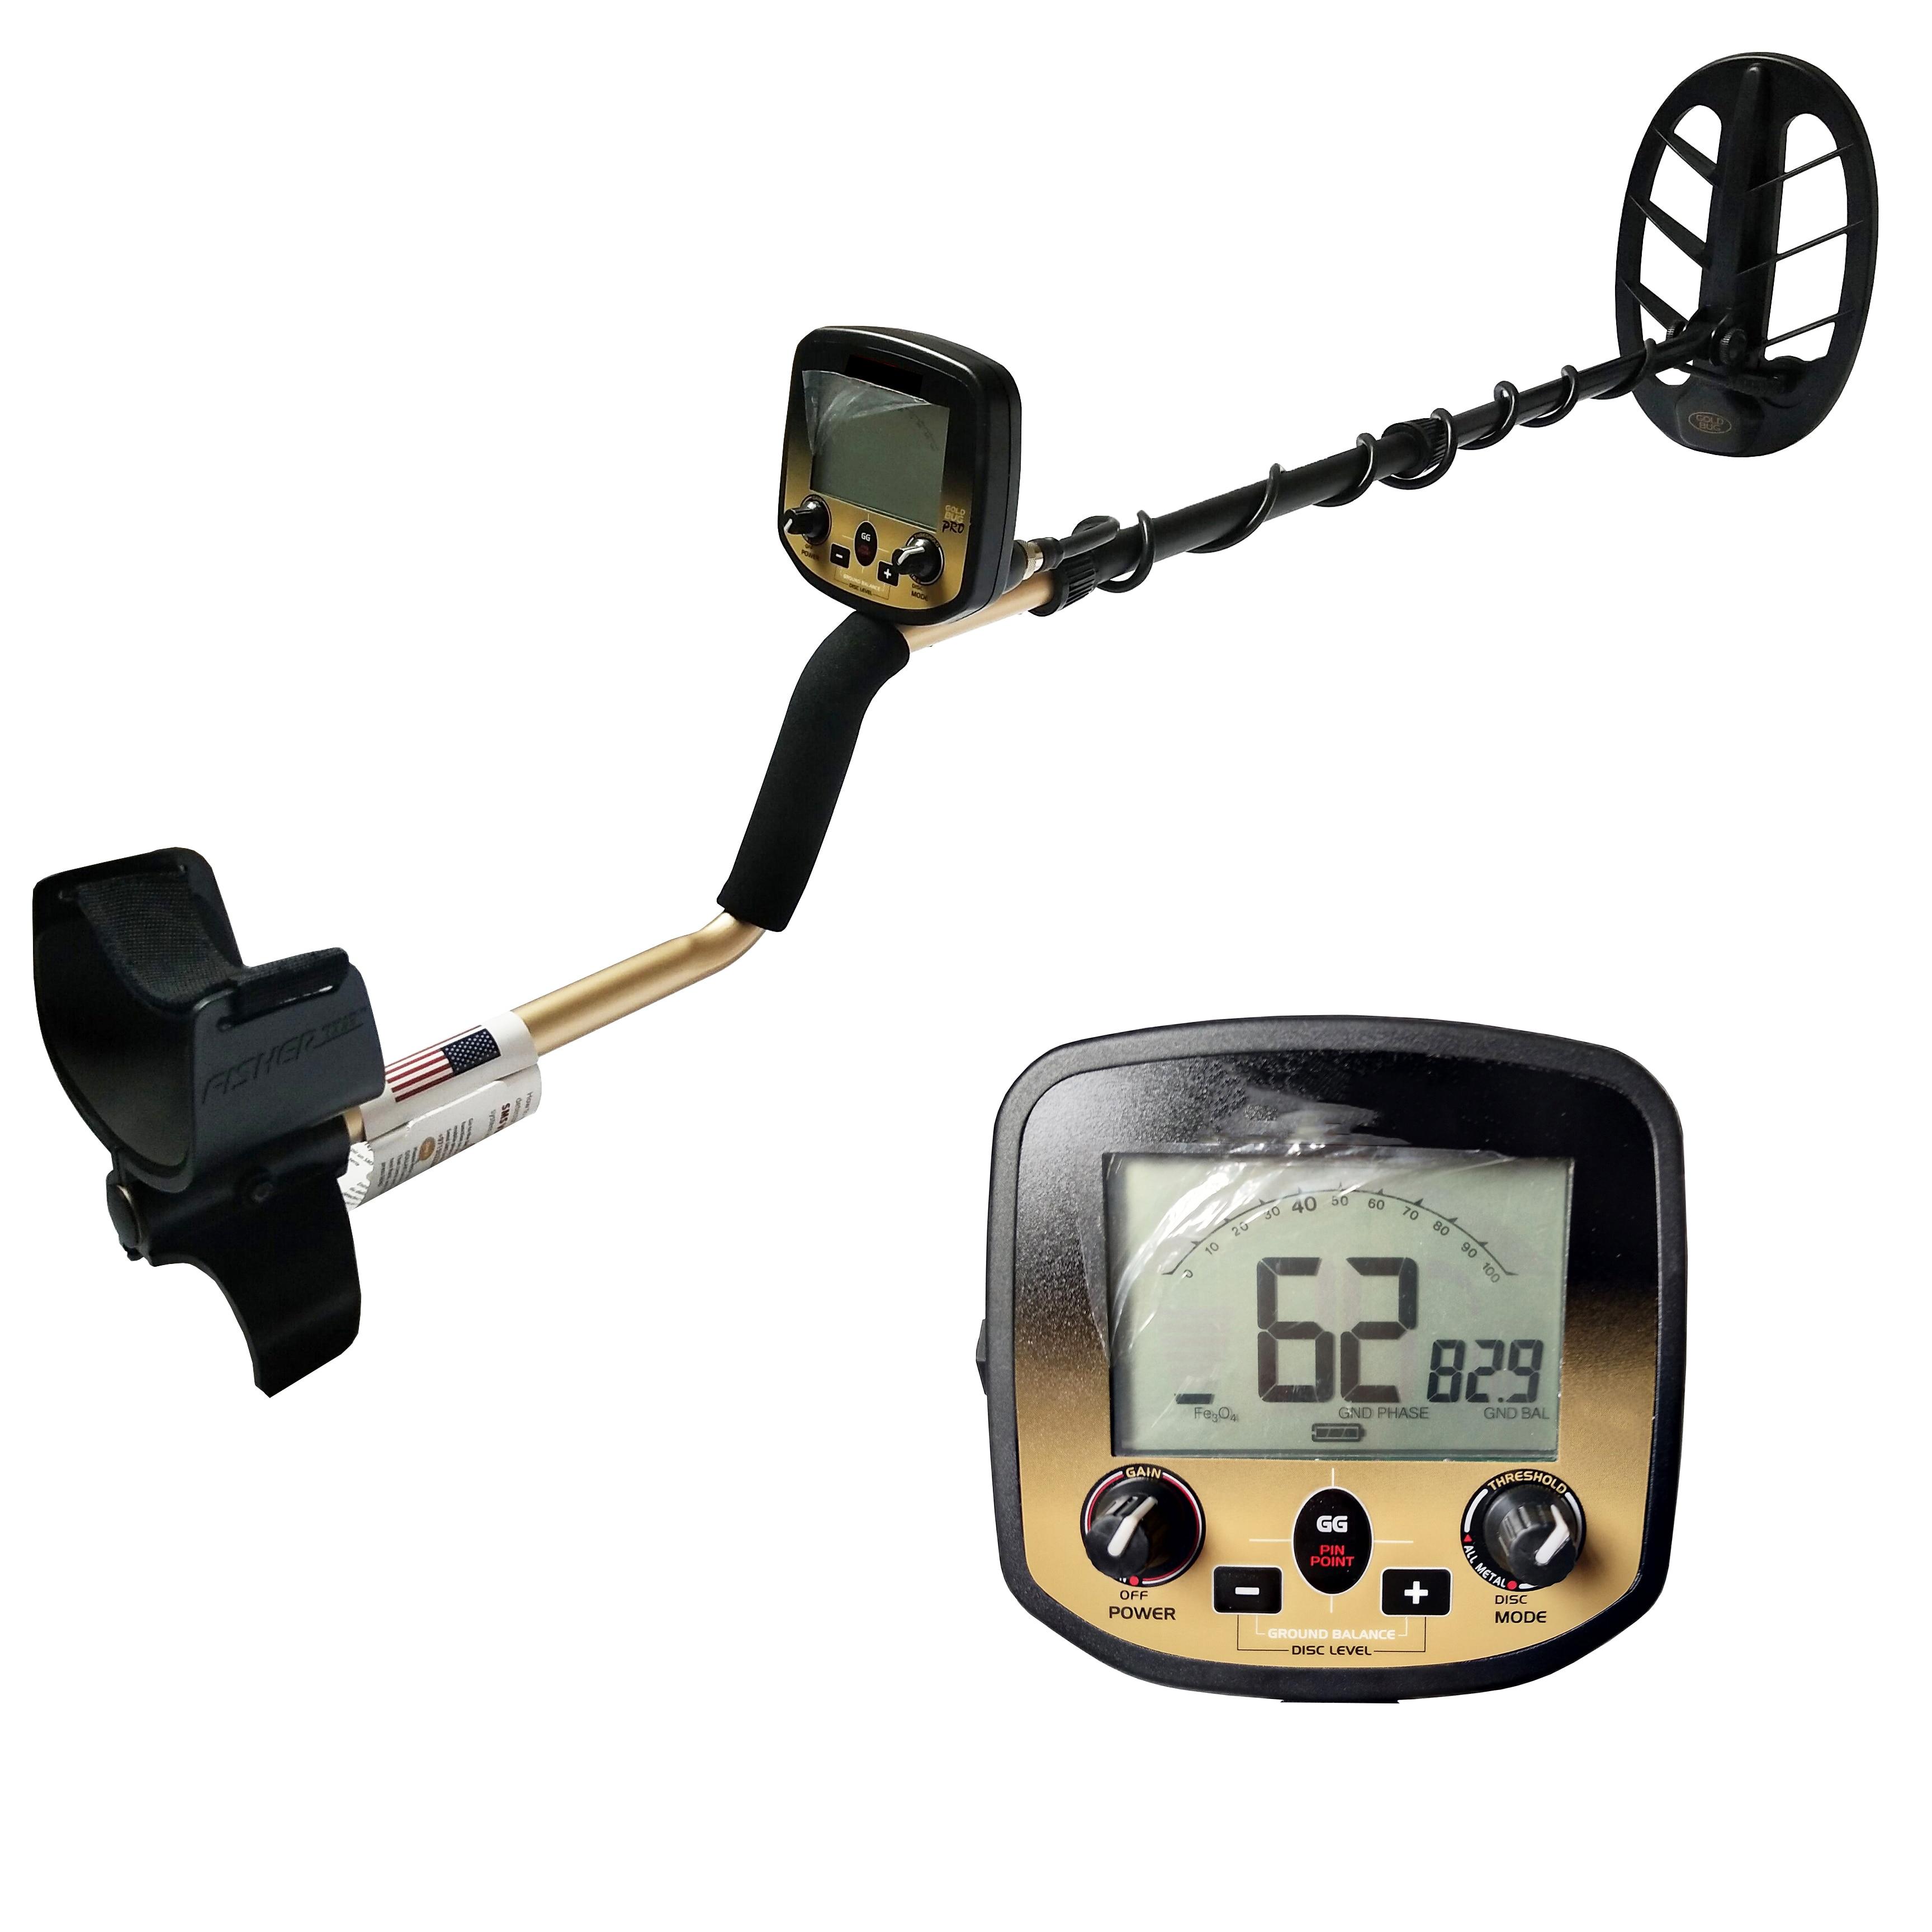 Профессиональный металлоискатель FS2, Высокочувствительный детектор золота G2, подземный водонепроницаемый металлодетектор